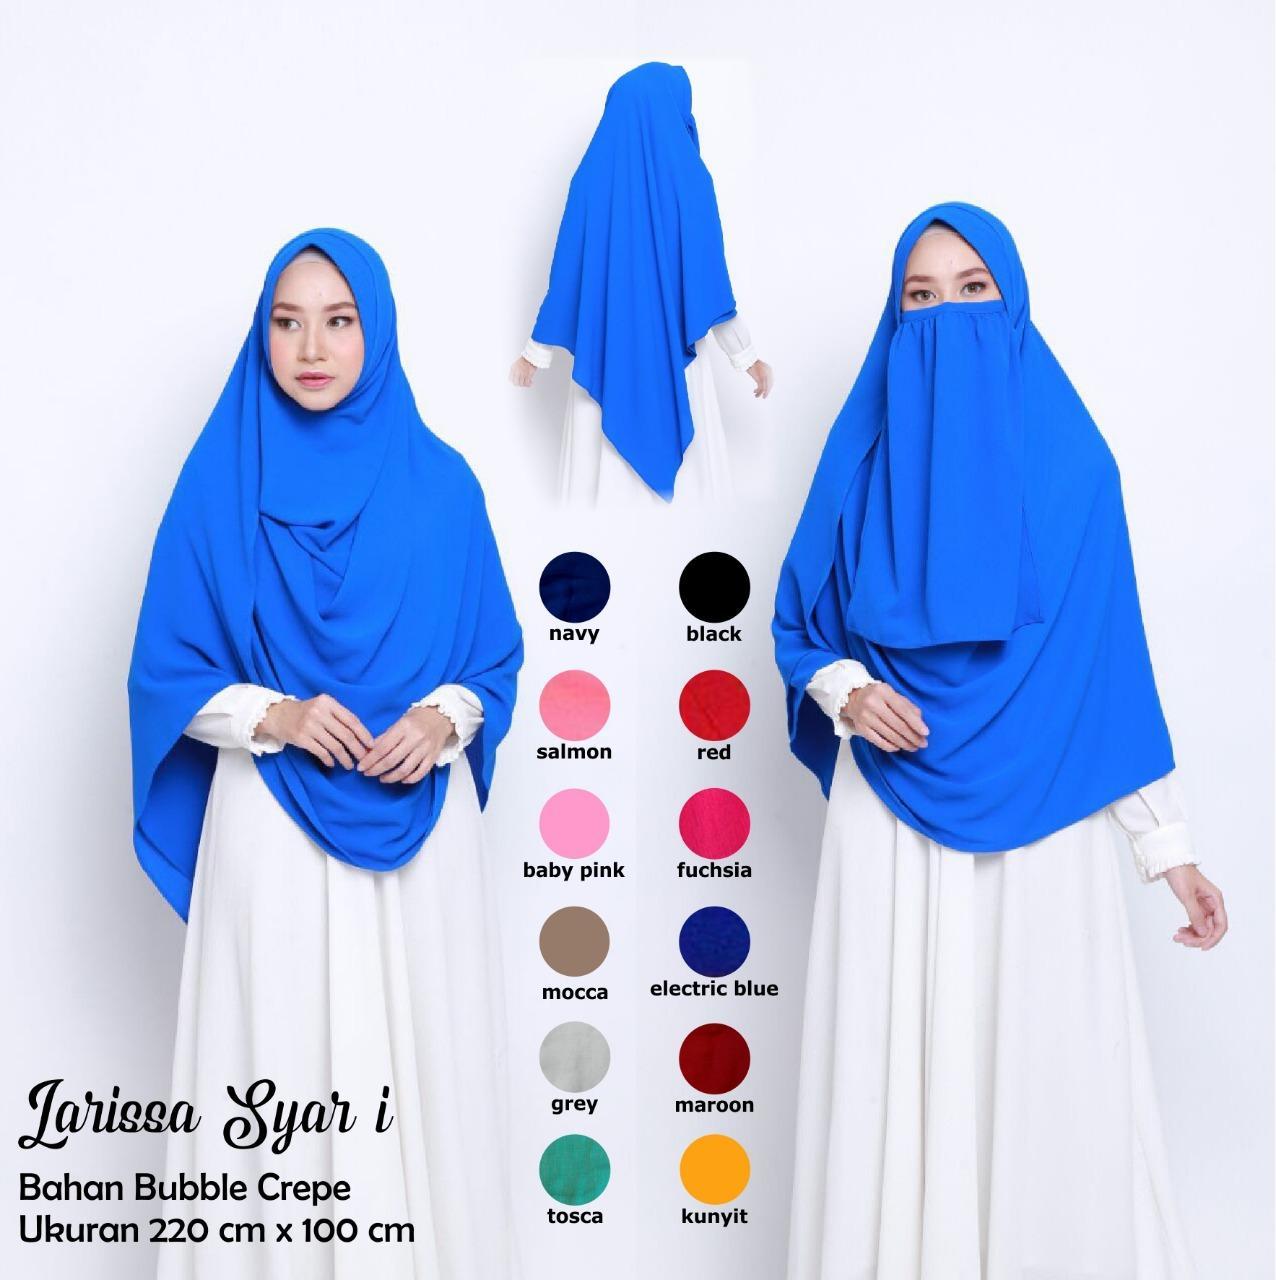 larissa syar'i dengan cadar/ hijab Syari free cadar / pastan syari / hijab isntan jumbo / hijab syari murah / hijab cadar